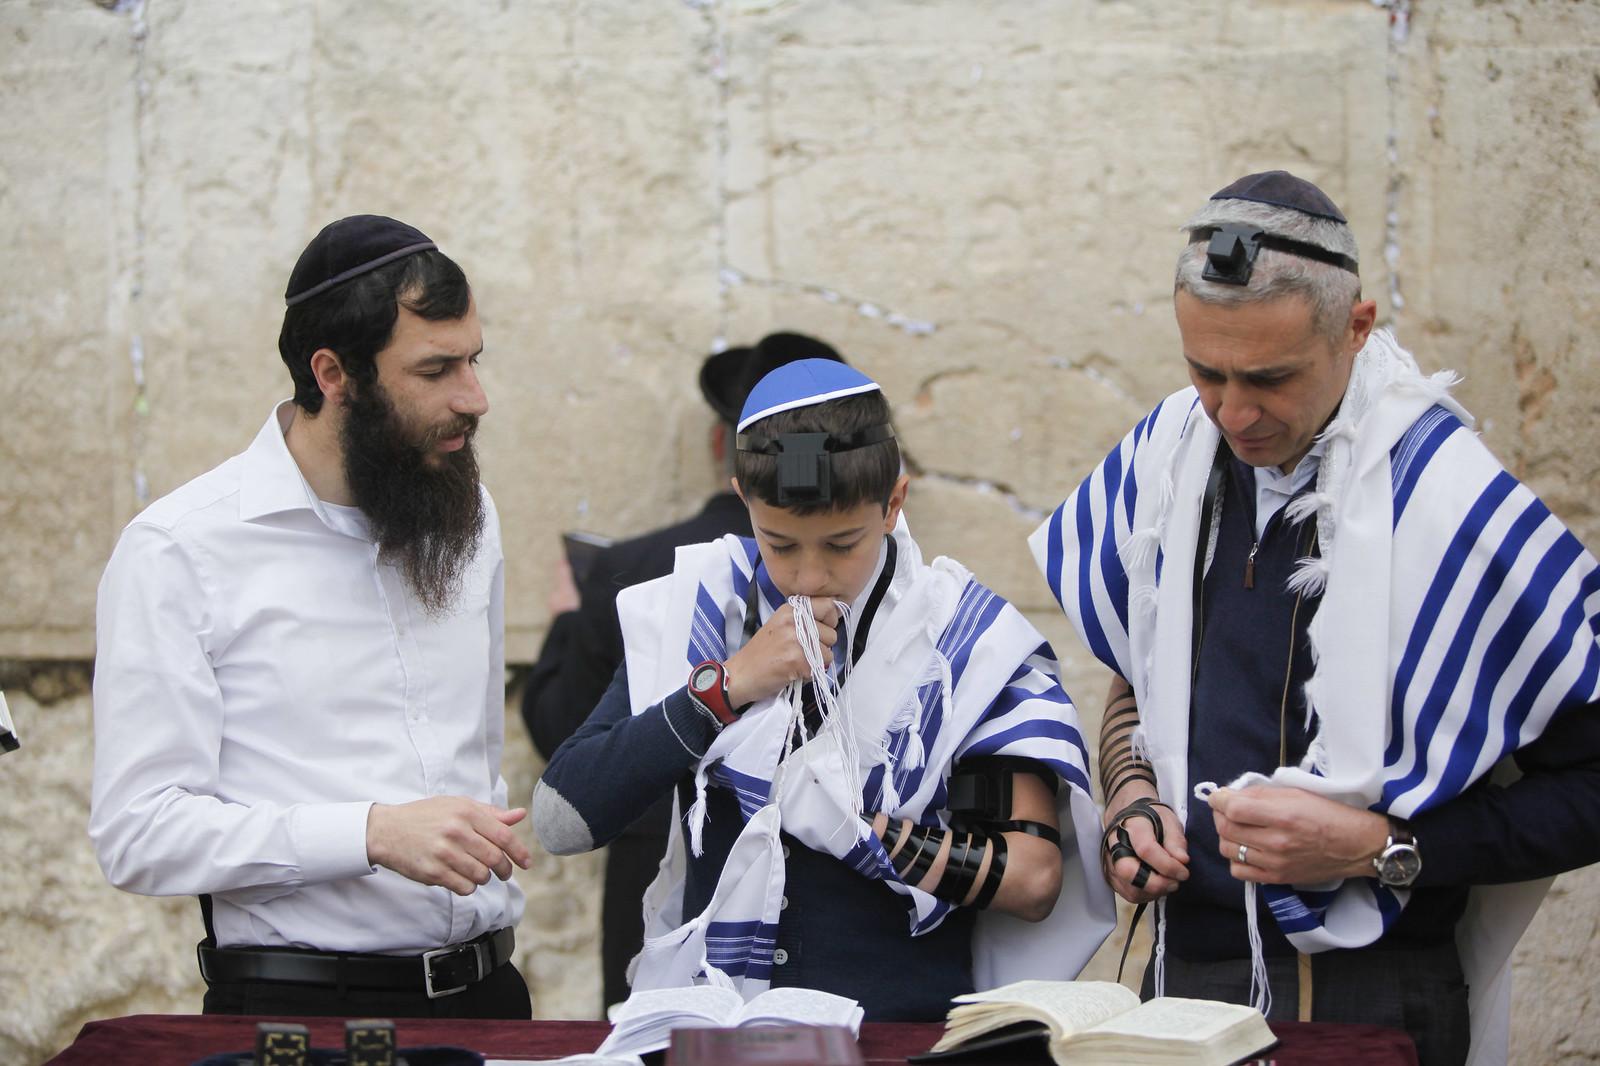 Bar Mitzvah 7_Jerusalem_IMG 9655_Yonatan Sindel_Flash 90_IMOT